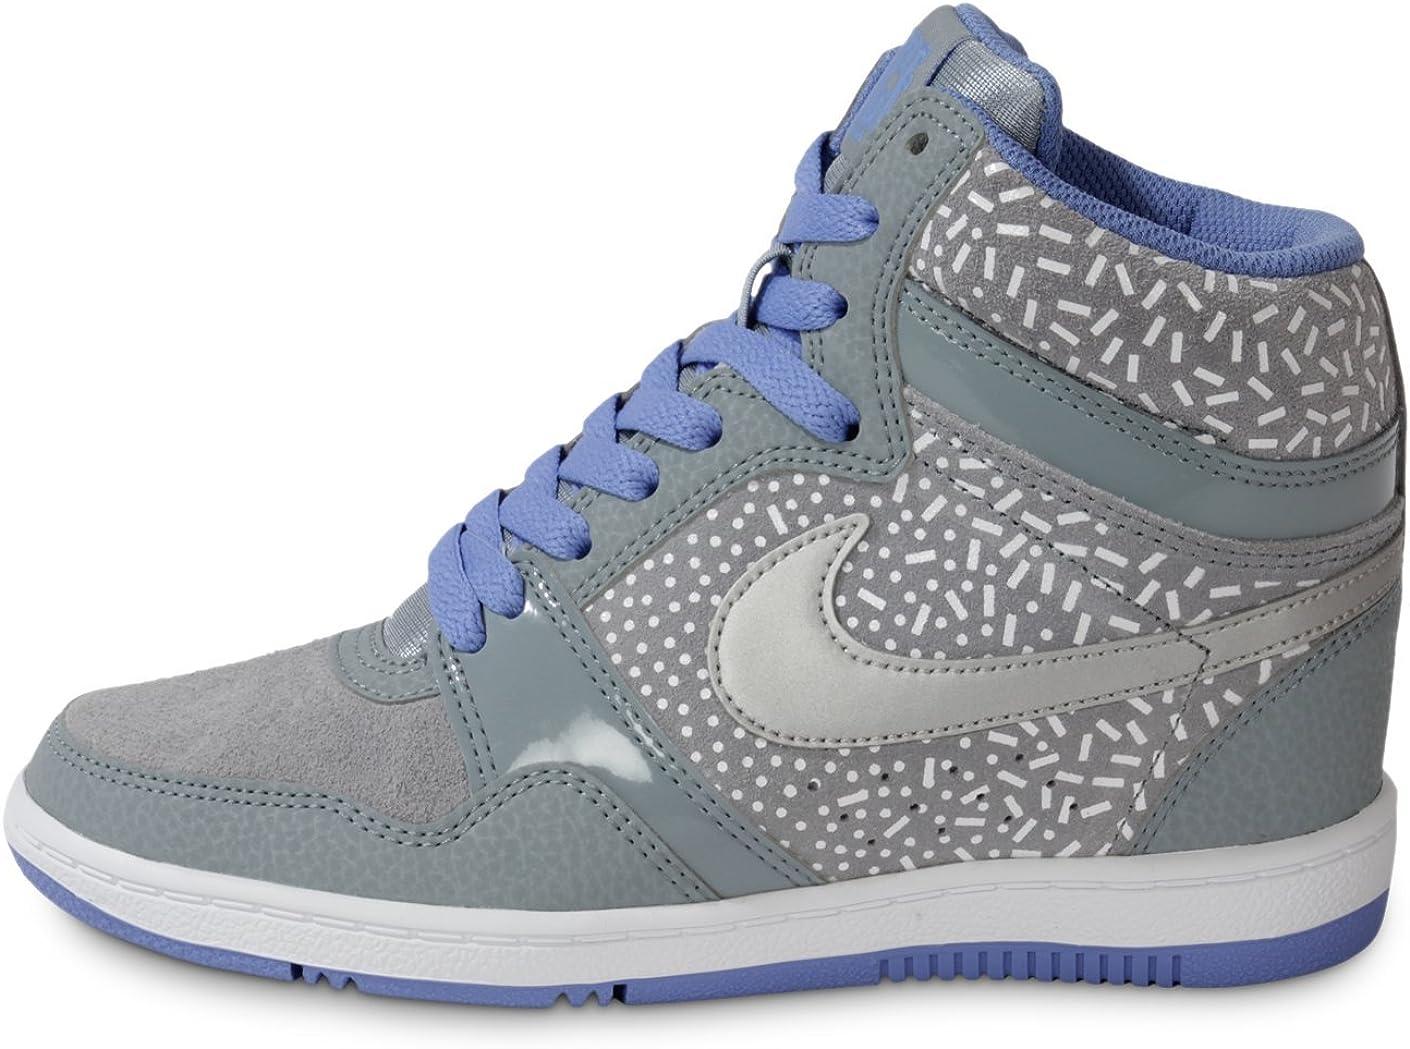 Diseño de impresión Sky para Mujer Force Nike Traje de Neopreno para Mujer Sport Zapatillas de Hi Tops Zapatos de Cordones Protectores de Calcetines para